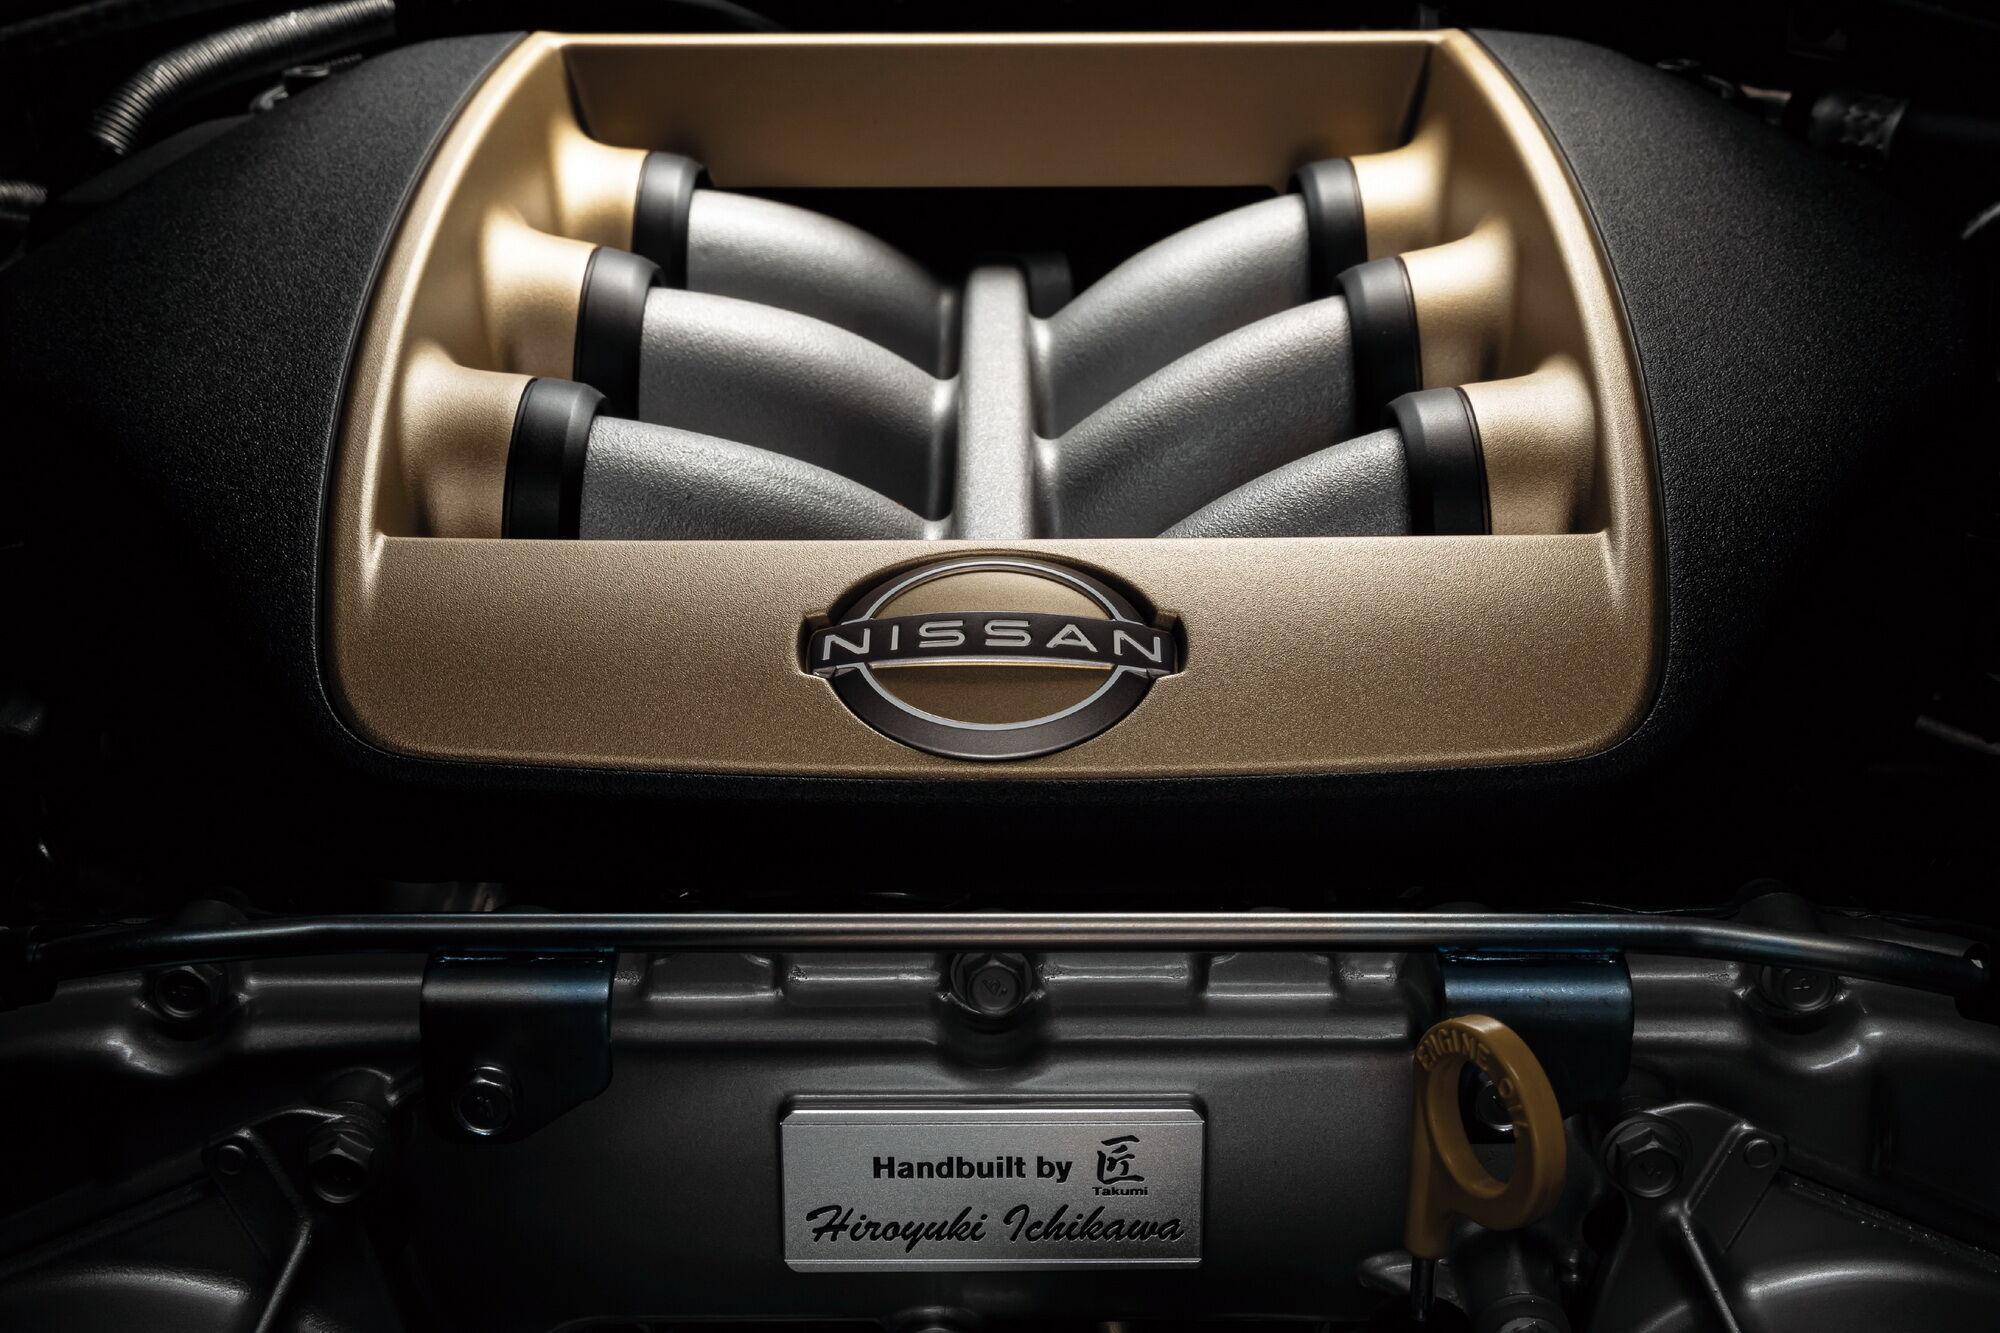 Каждый мотор изготовлен вручную конкретным мастером, который оставляет свою именную плакетку с подписью